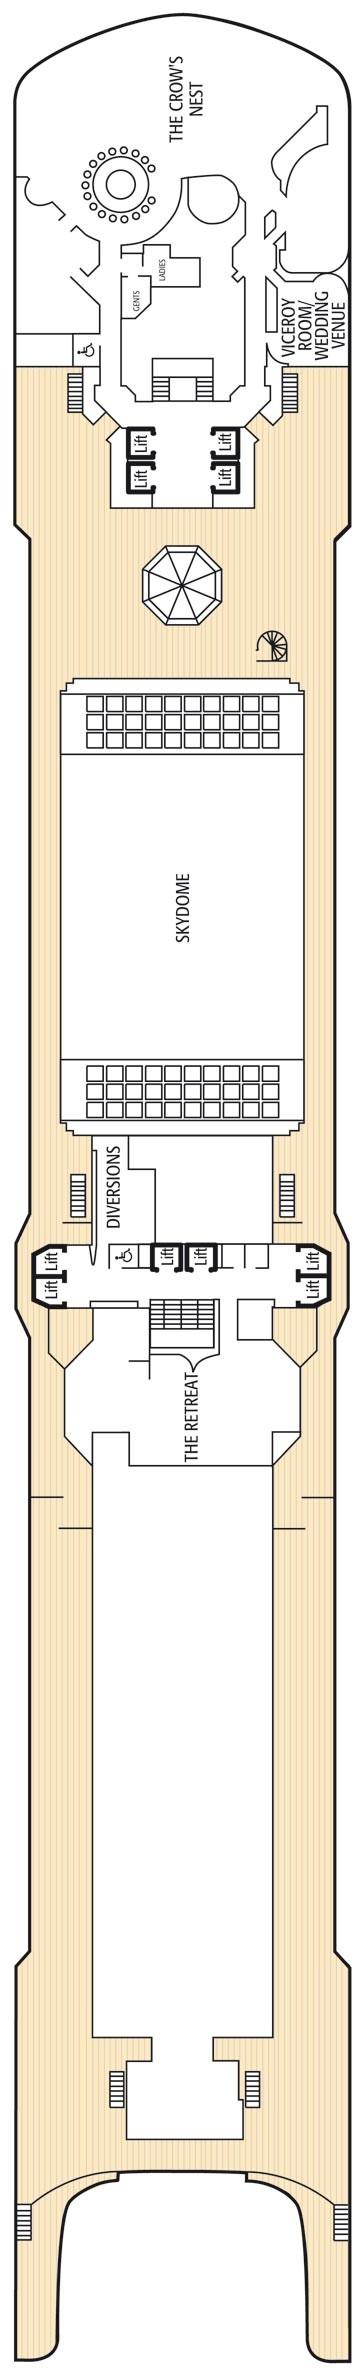 Sun deck deck plan for Arcadia deck plans